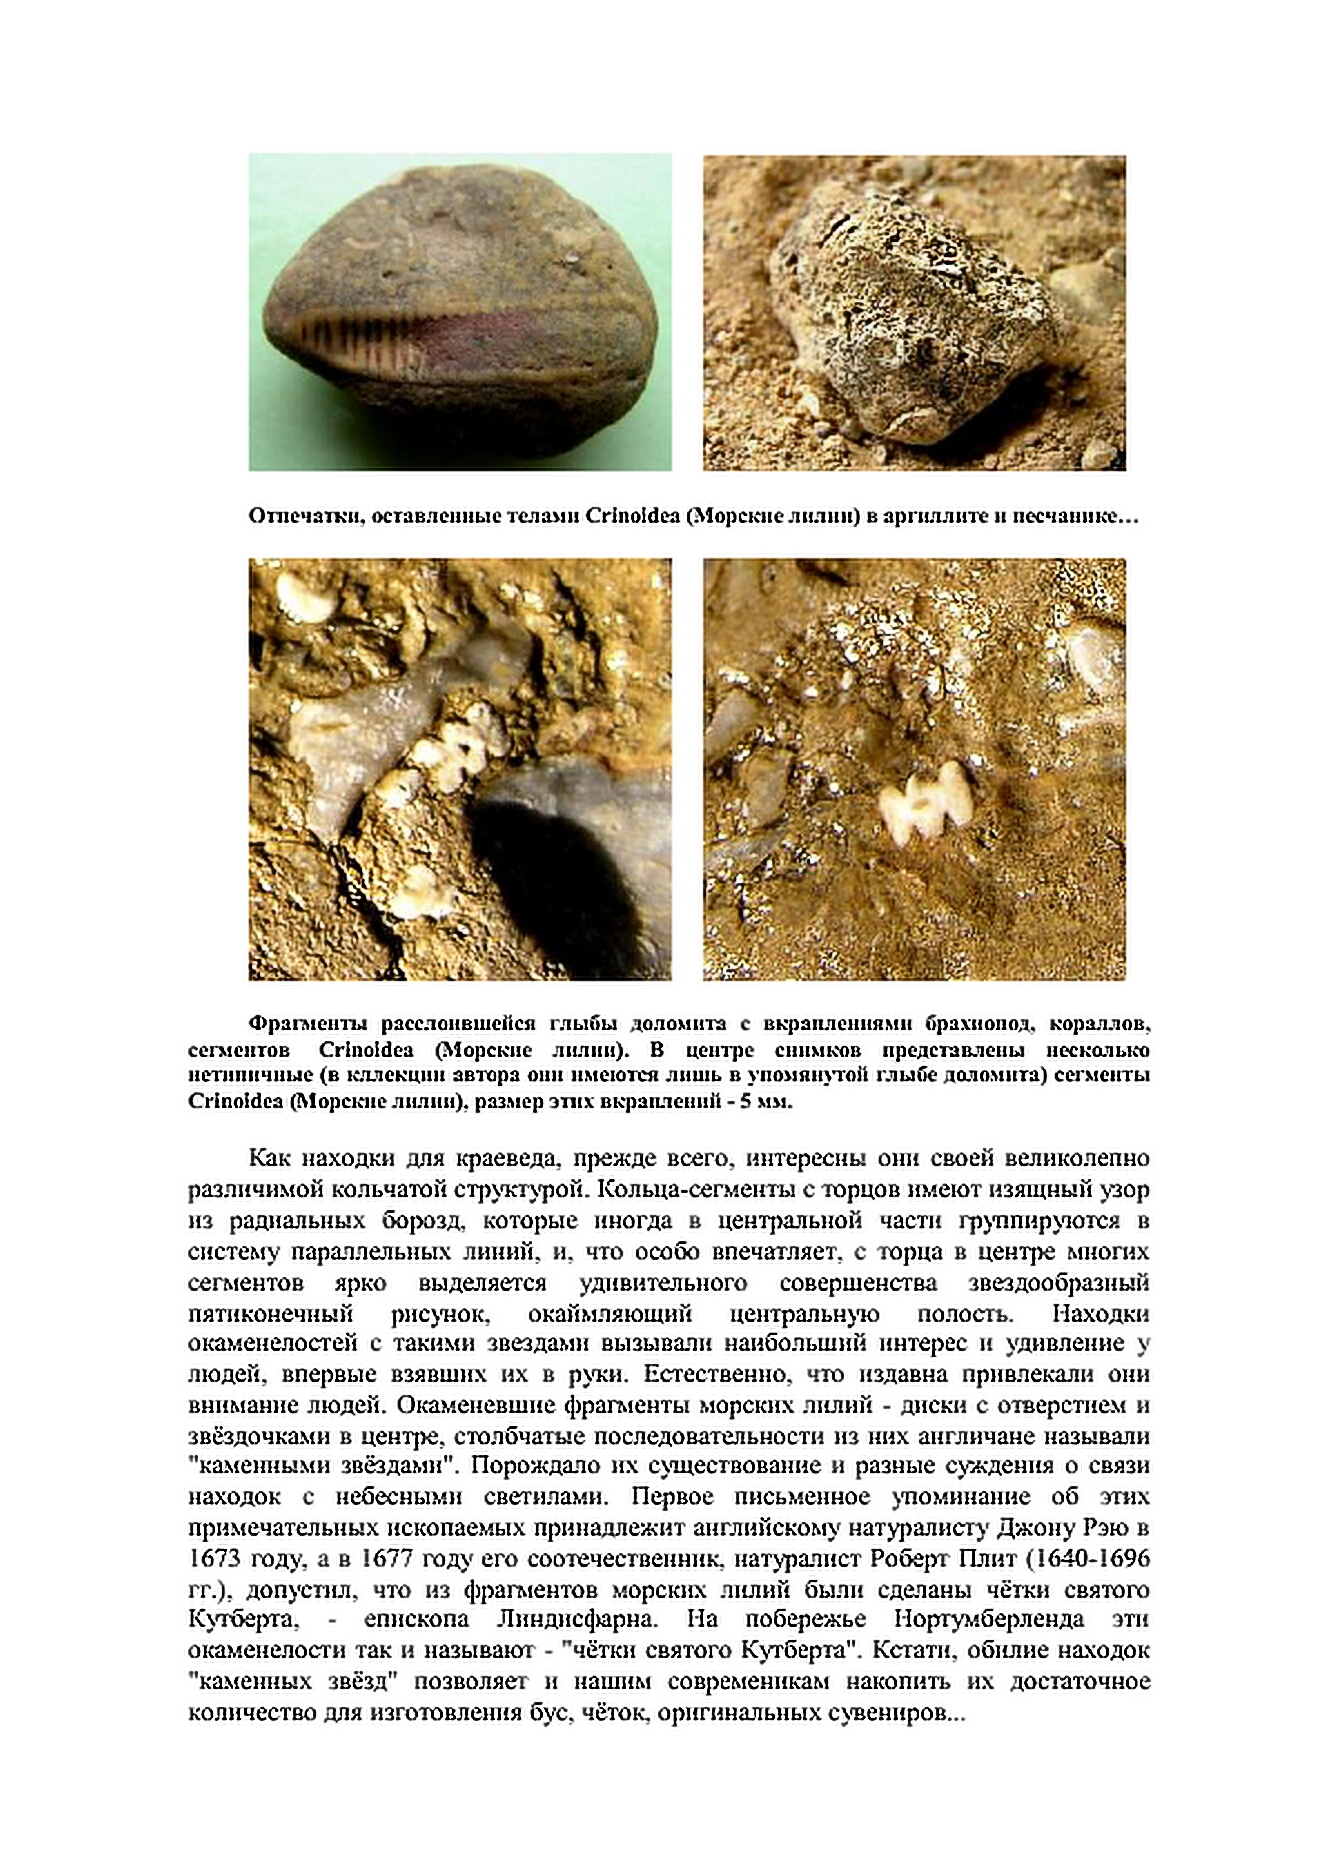 http://s5.uploads.ru/0ARok.jpg